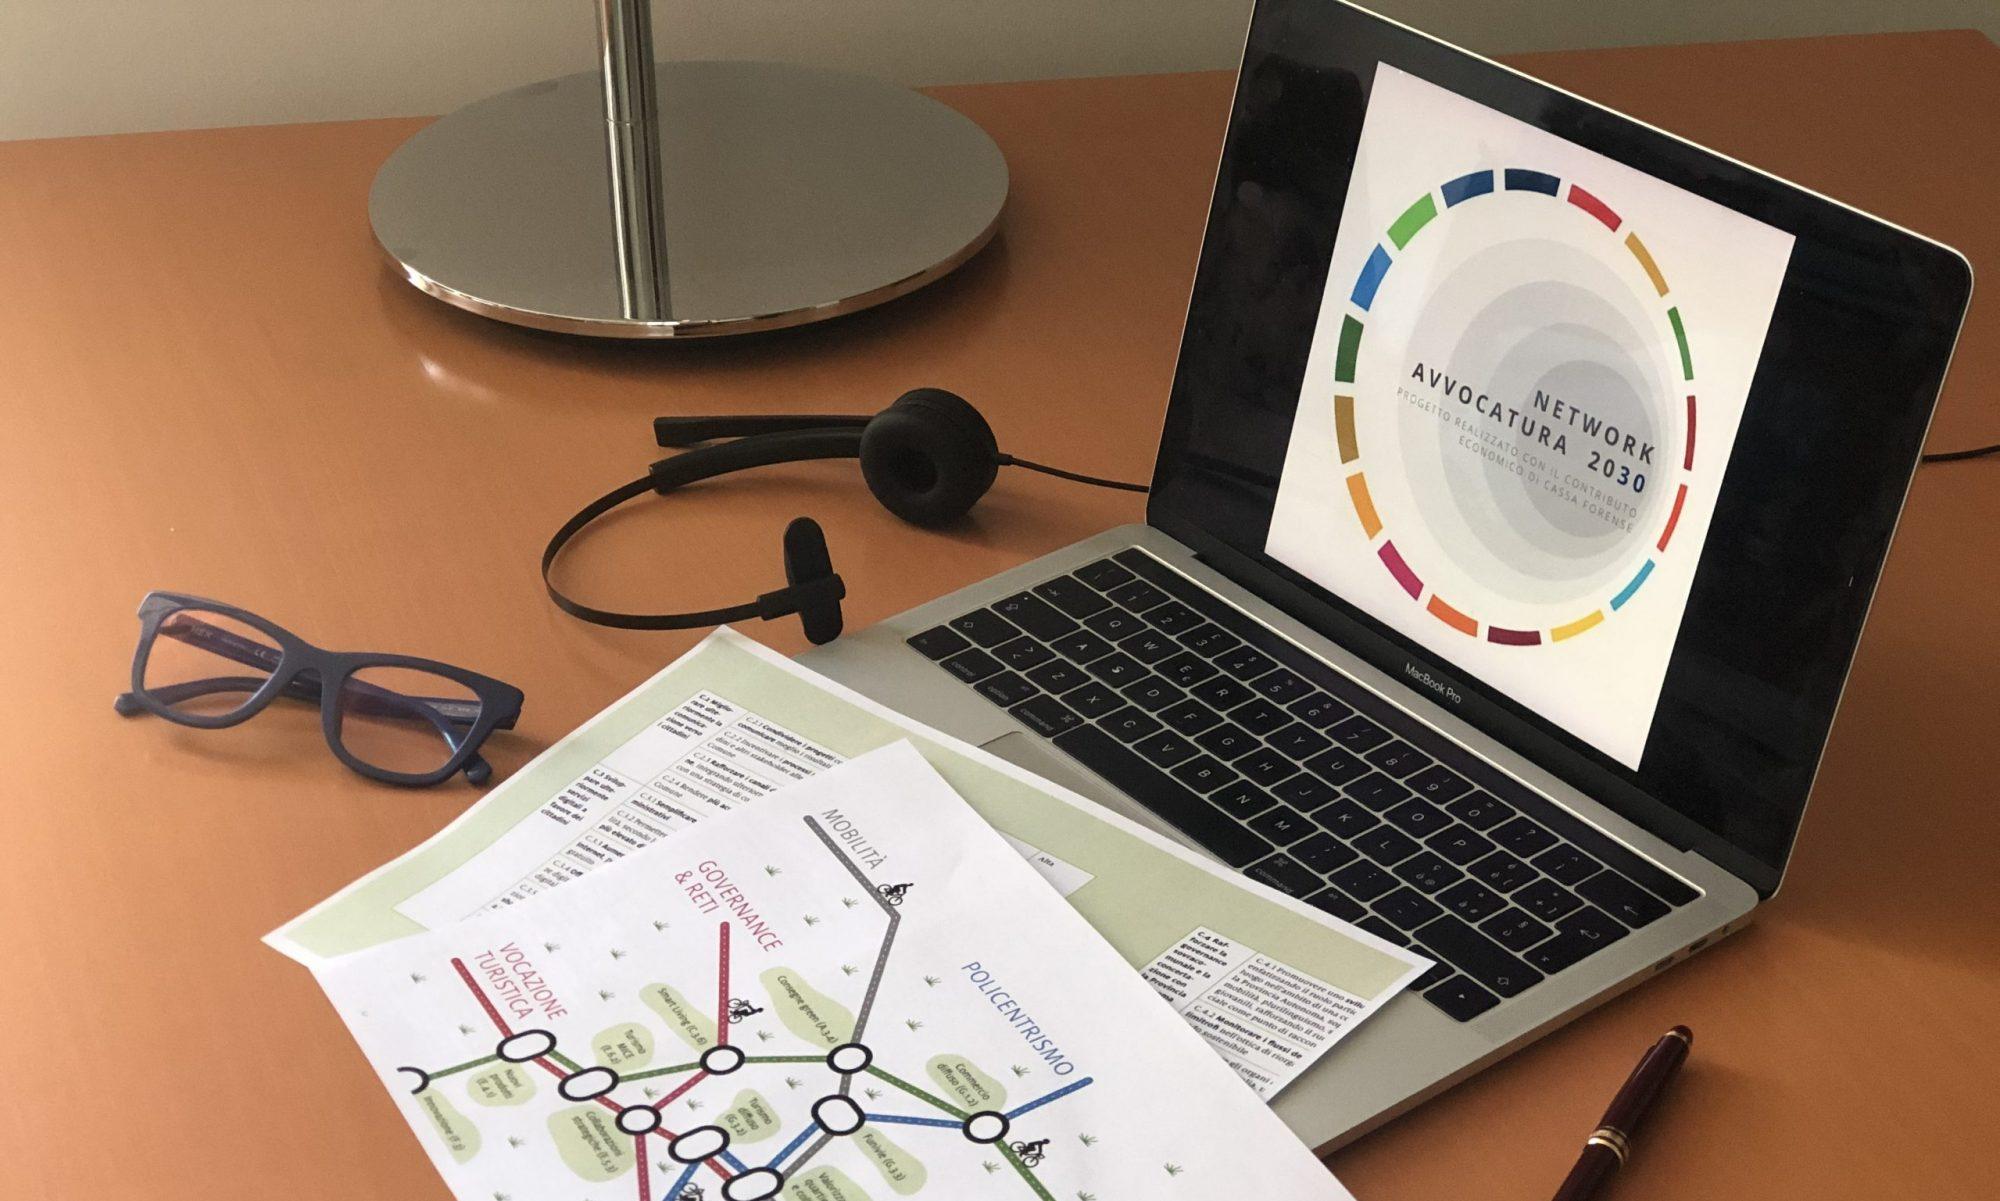 Network Avvocatura 2030